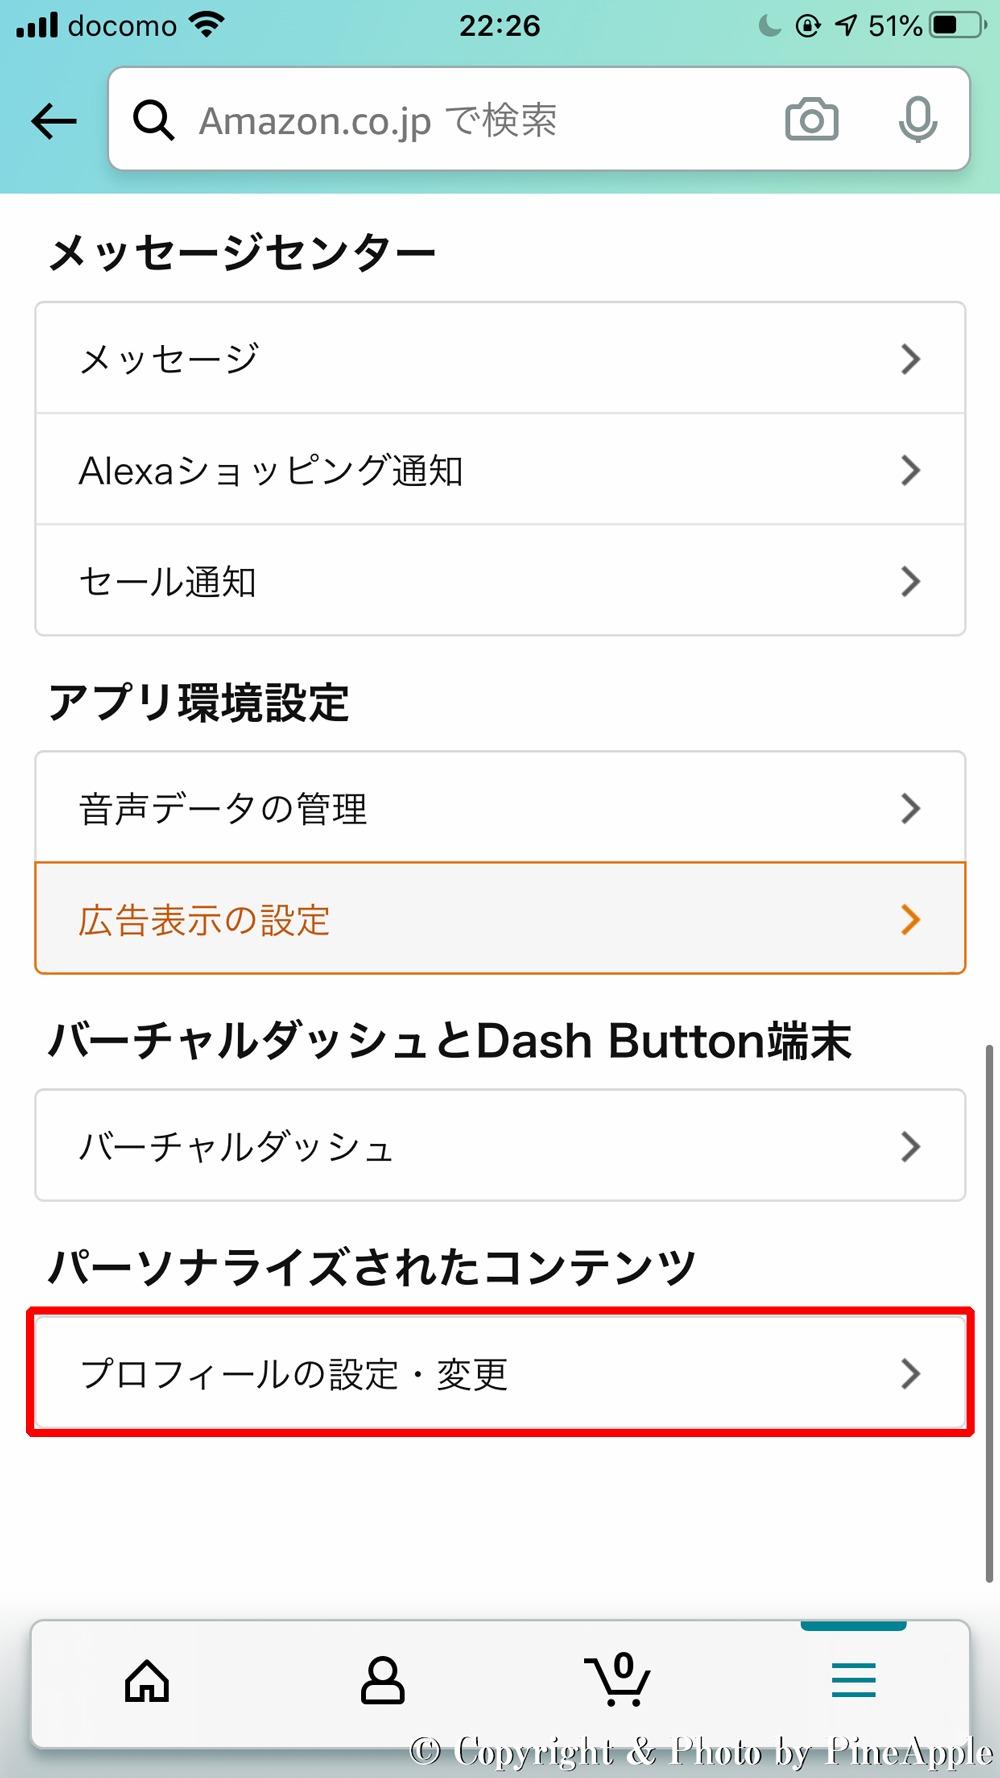 Amazon アカウントの「公開名」を編集する方法:「プロフィールの設定・変更」をタップ